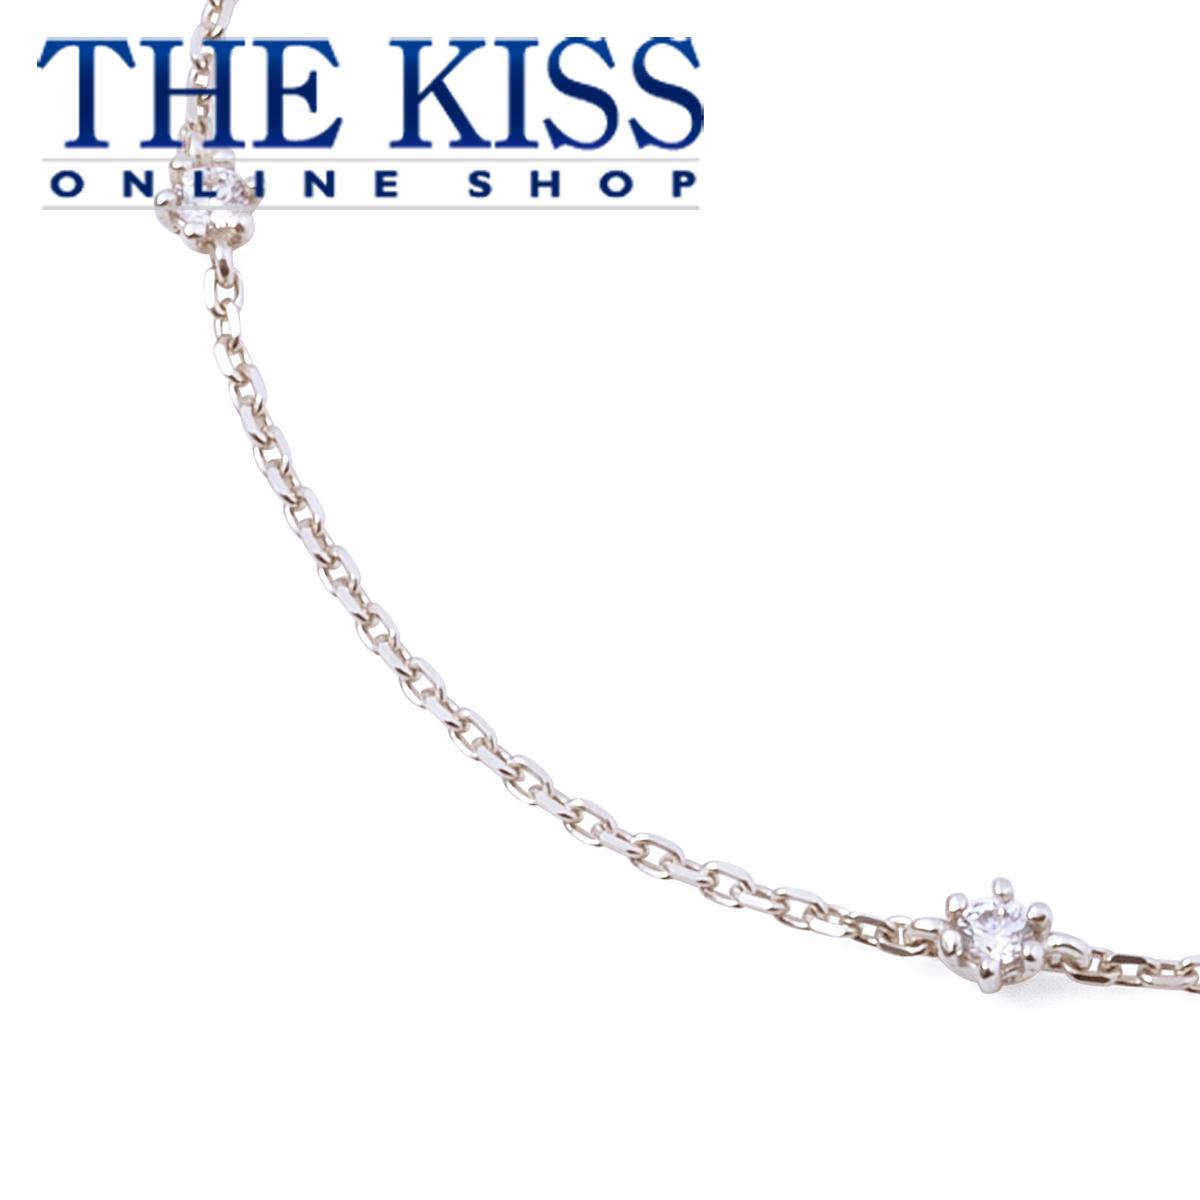 【あす楽対応】THE KISS 公式サイト シルバー ブレスレット 17cm レディースジュエリー・アクセサリー ジュエリーブランド THEKISS ブレスレット 記念日 プレゼント PSBR801CB ザキス 【送料無料】